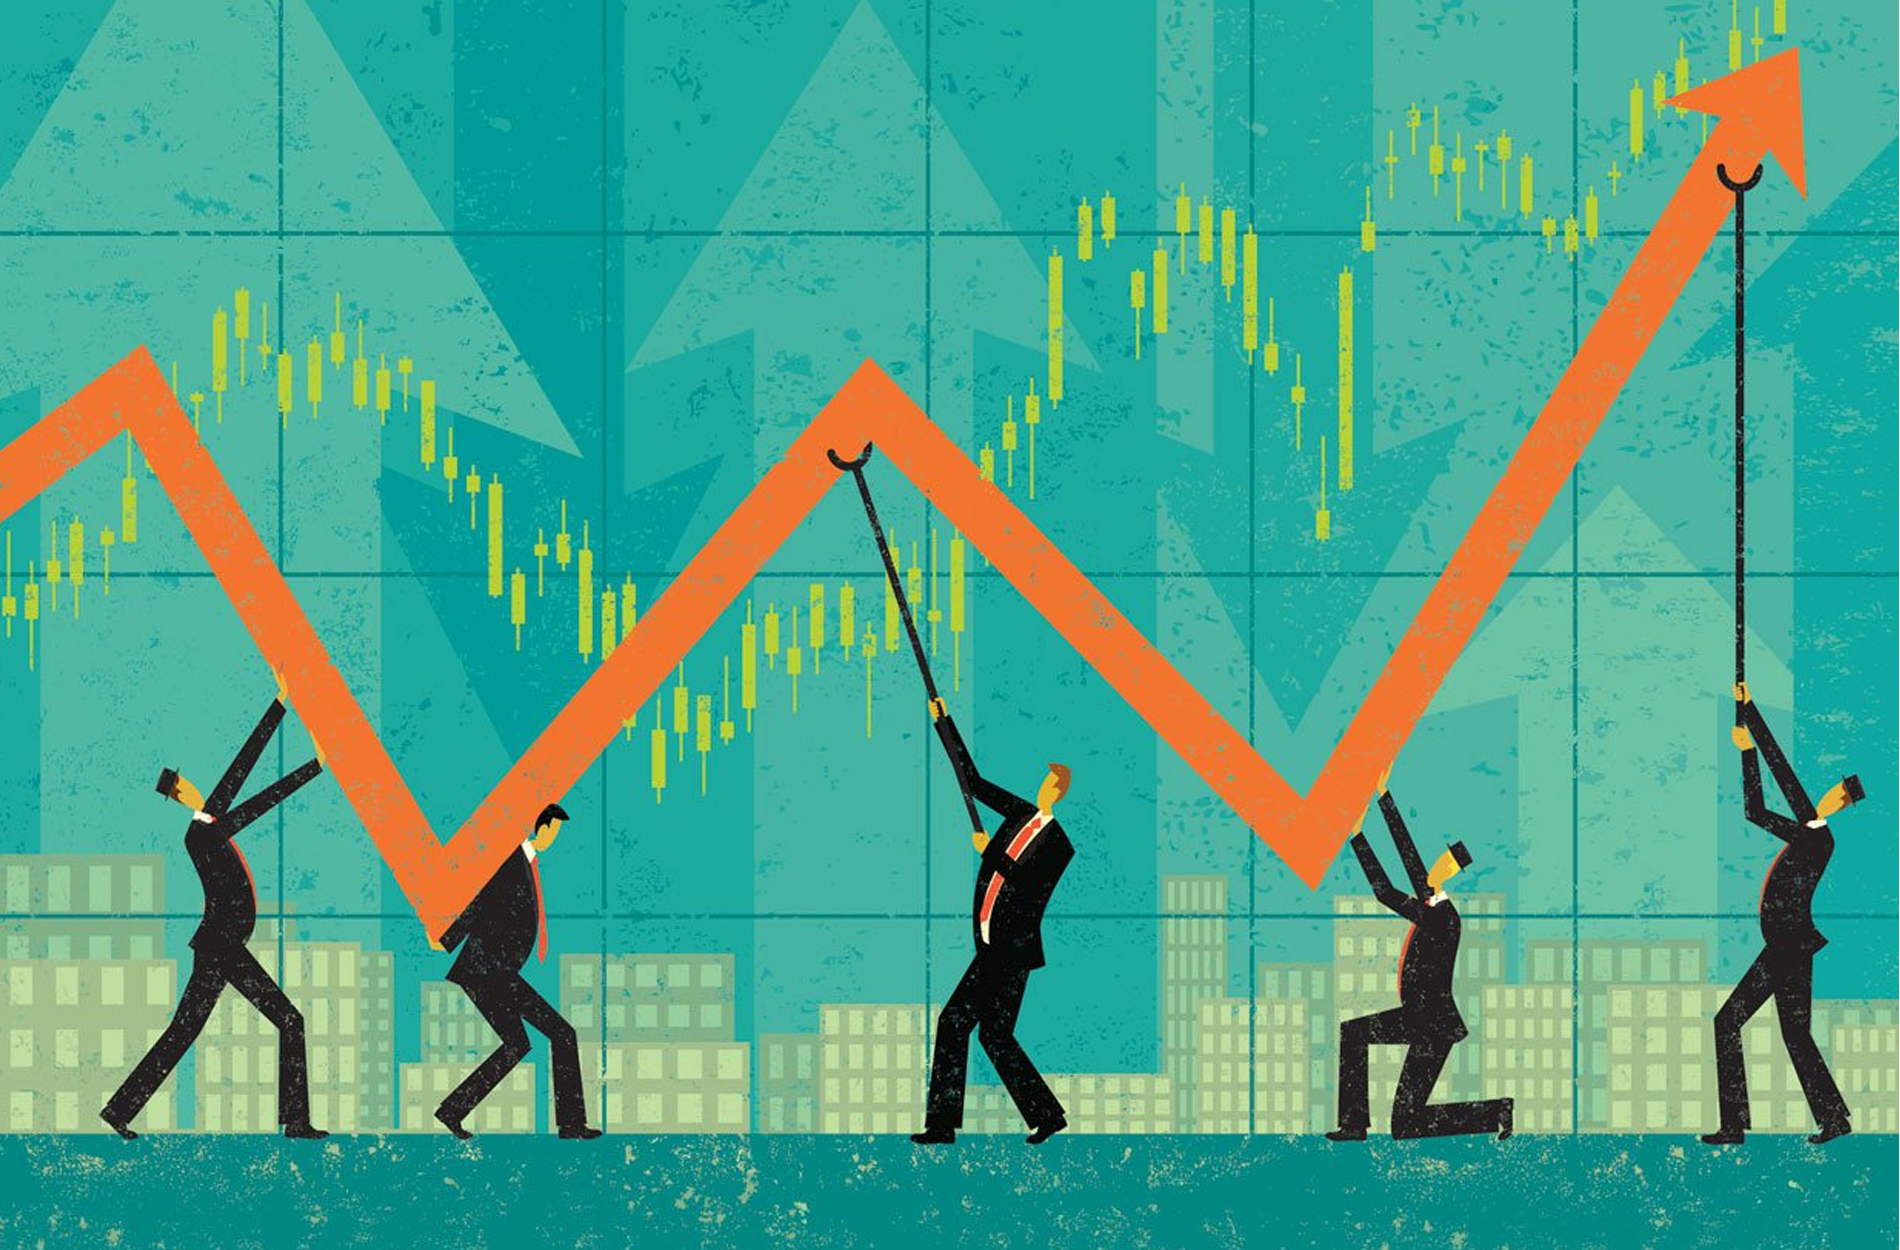 金融投资市场 美国 股票市场 历史新高